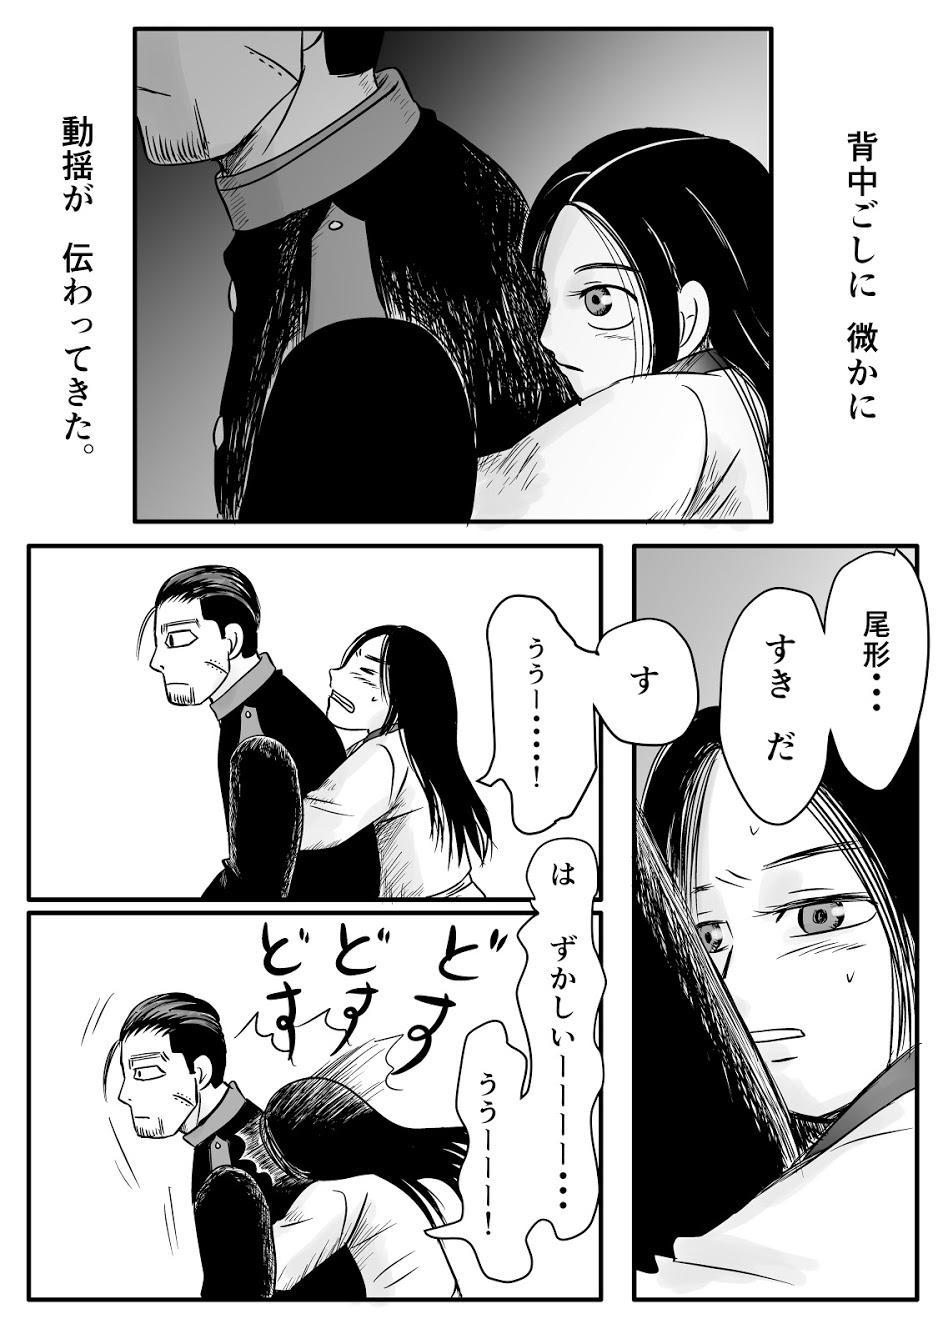 Toko no Koto 56